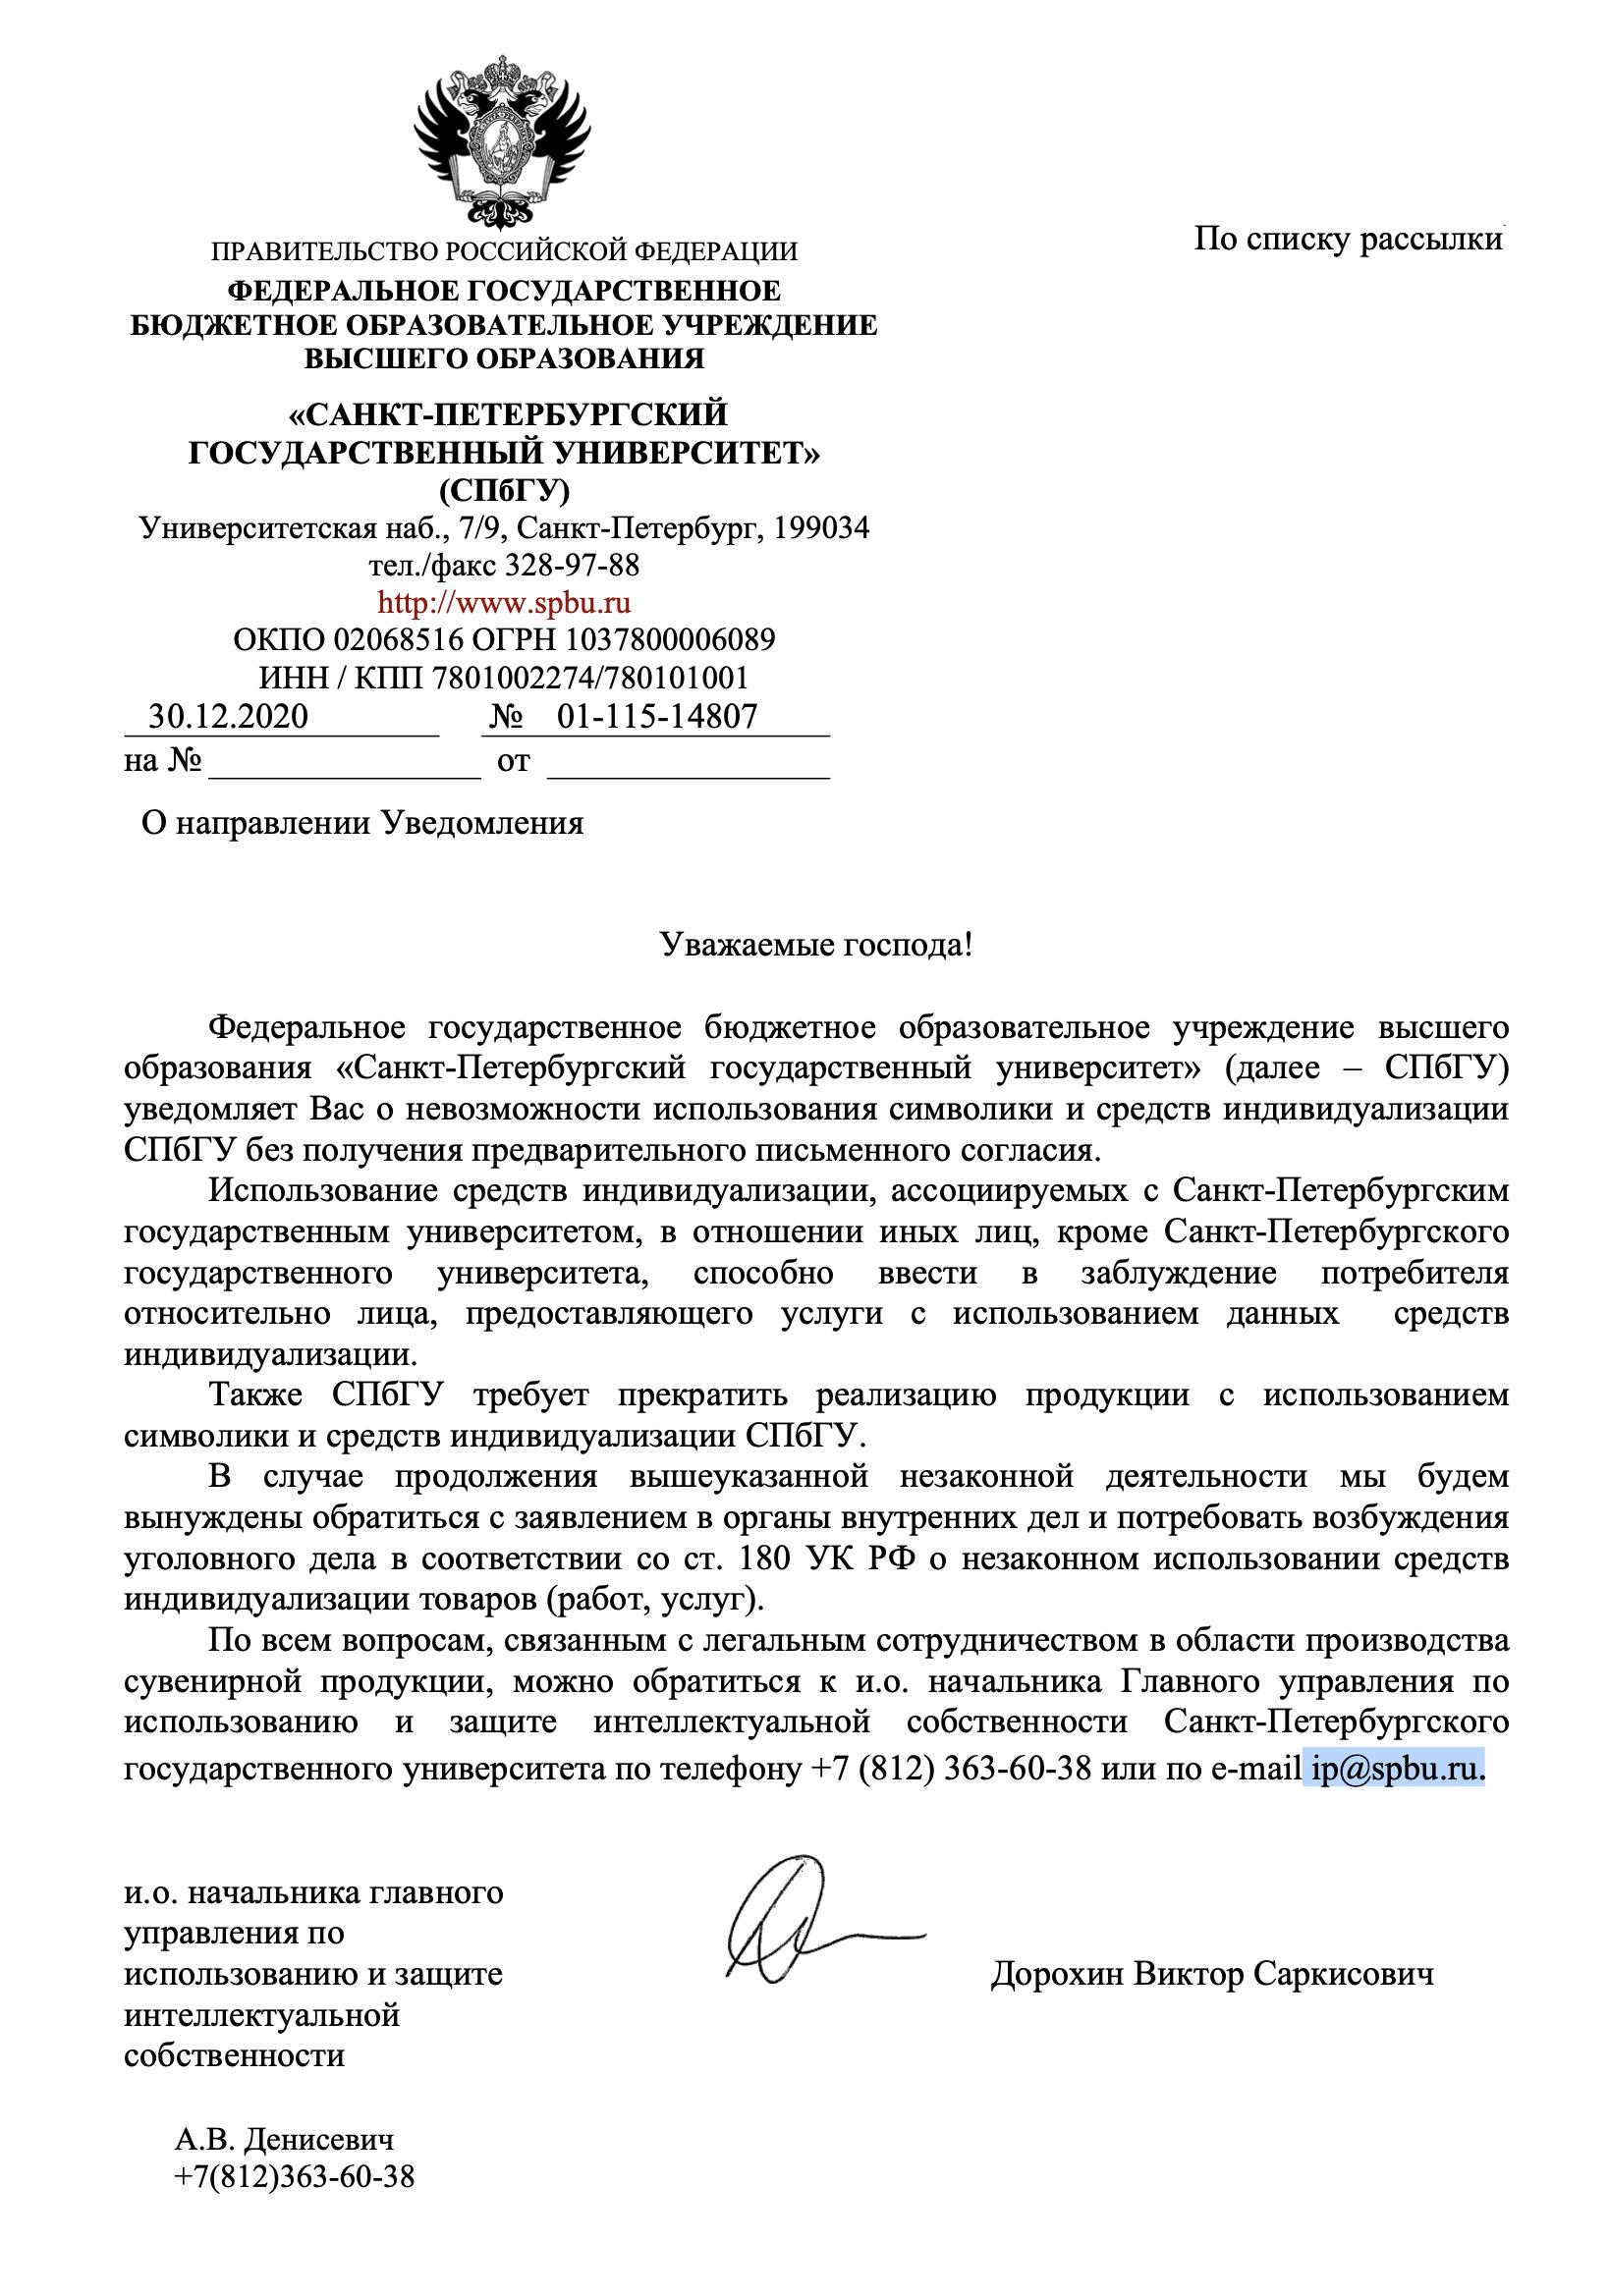 Толстовки СПБГУ Санкт-Петербургский государственный  университет